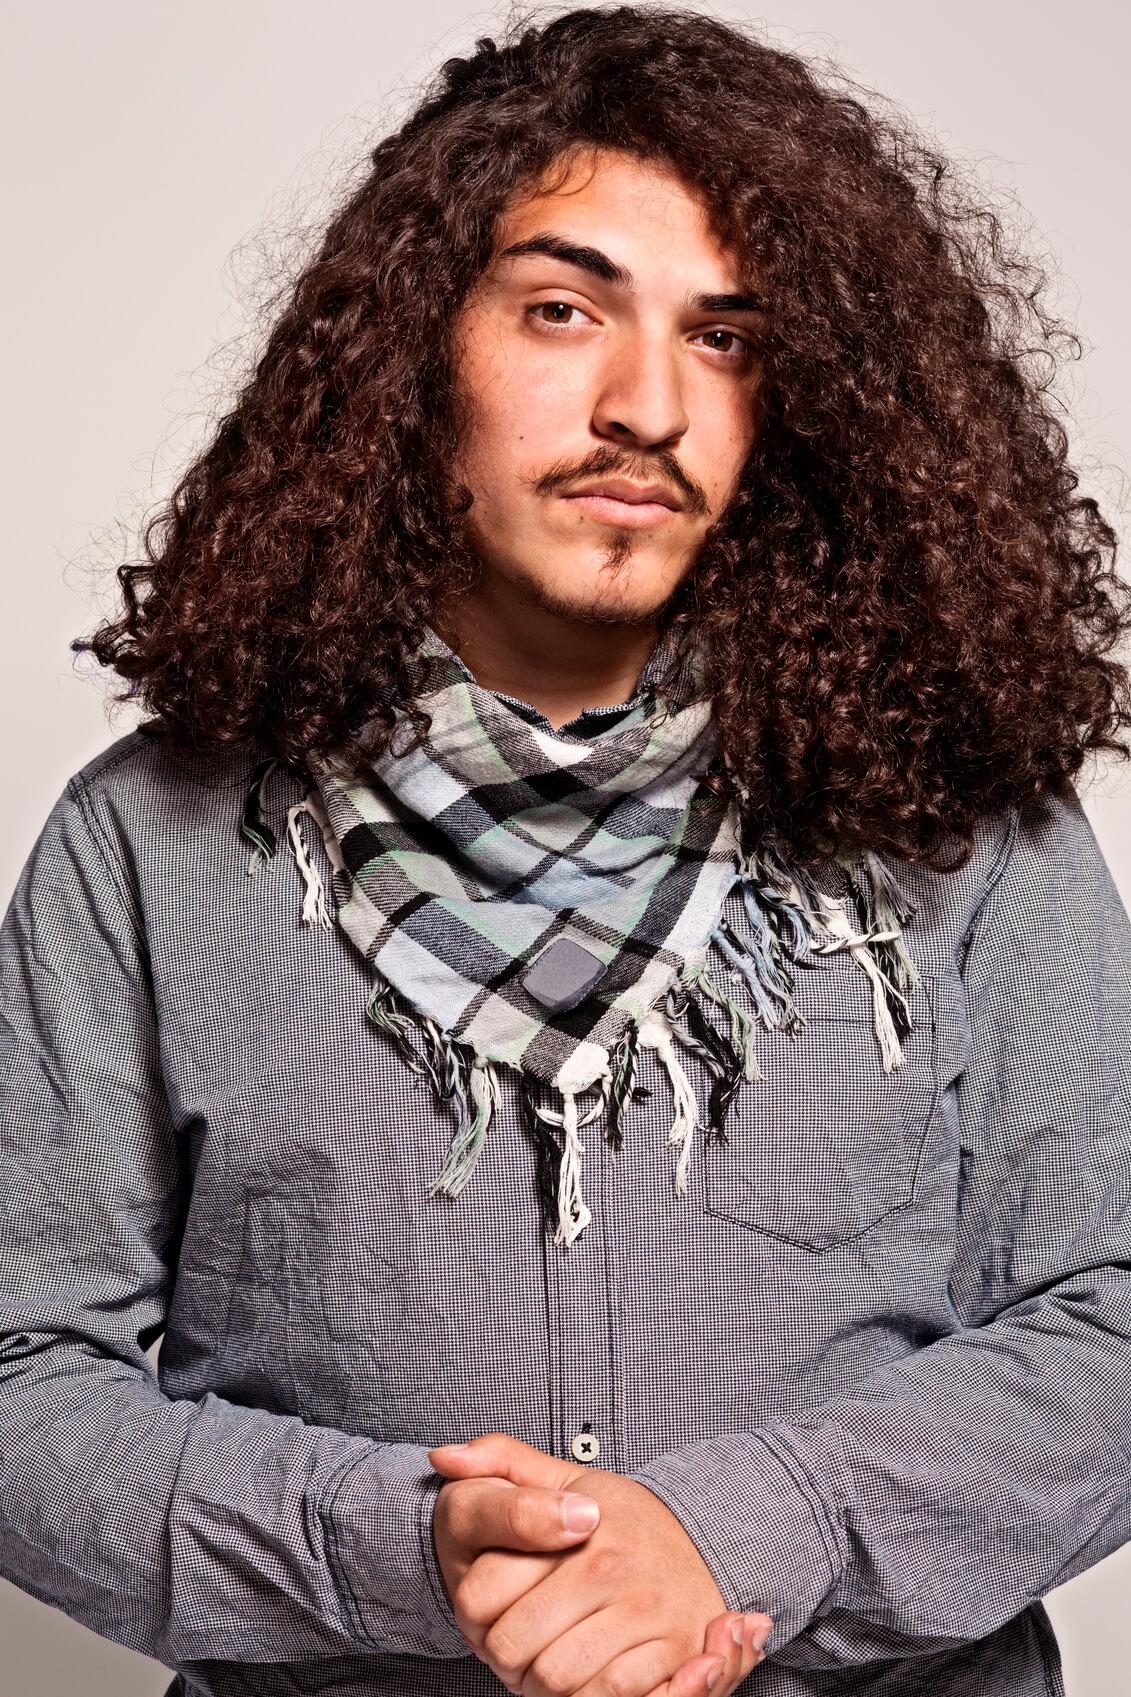 мужские стрижки для густых волос: